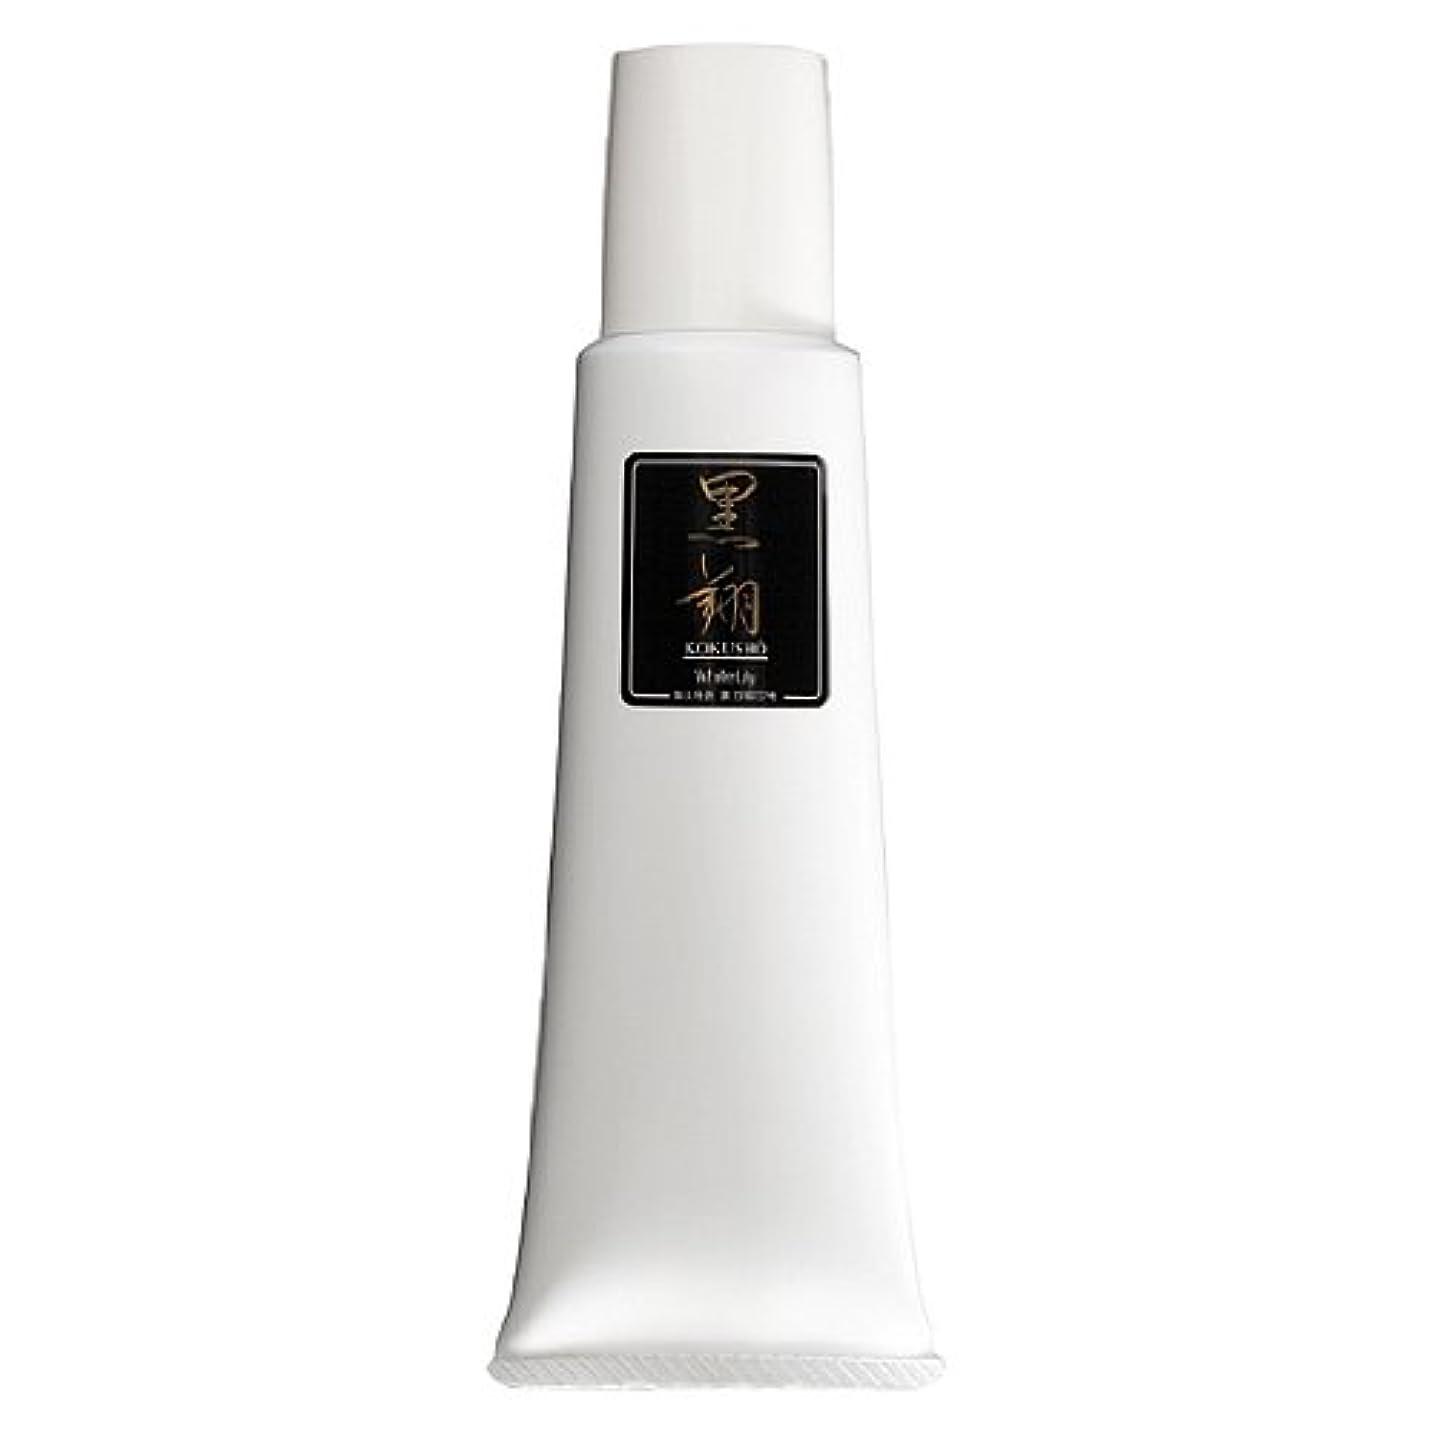 ぜいたく豪華な香ばしいホワイトリリー 黒翔 こくしょう 120mL ナチュラルブラック 染毛整髪料